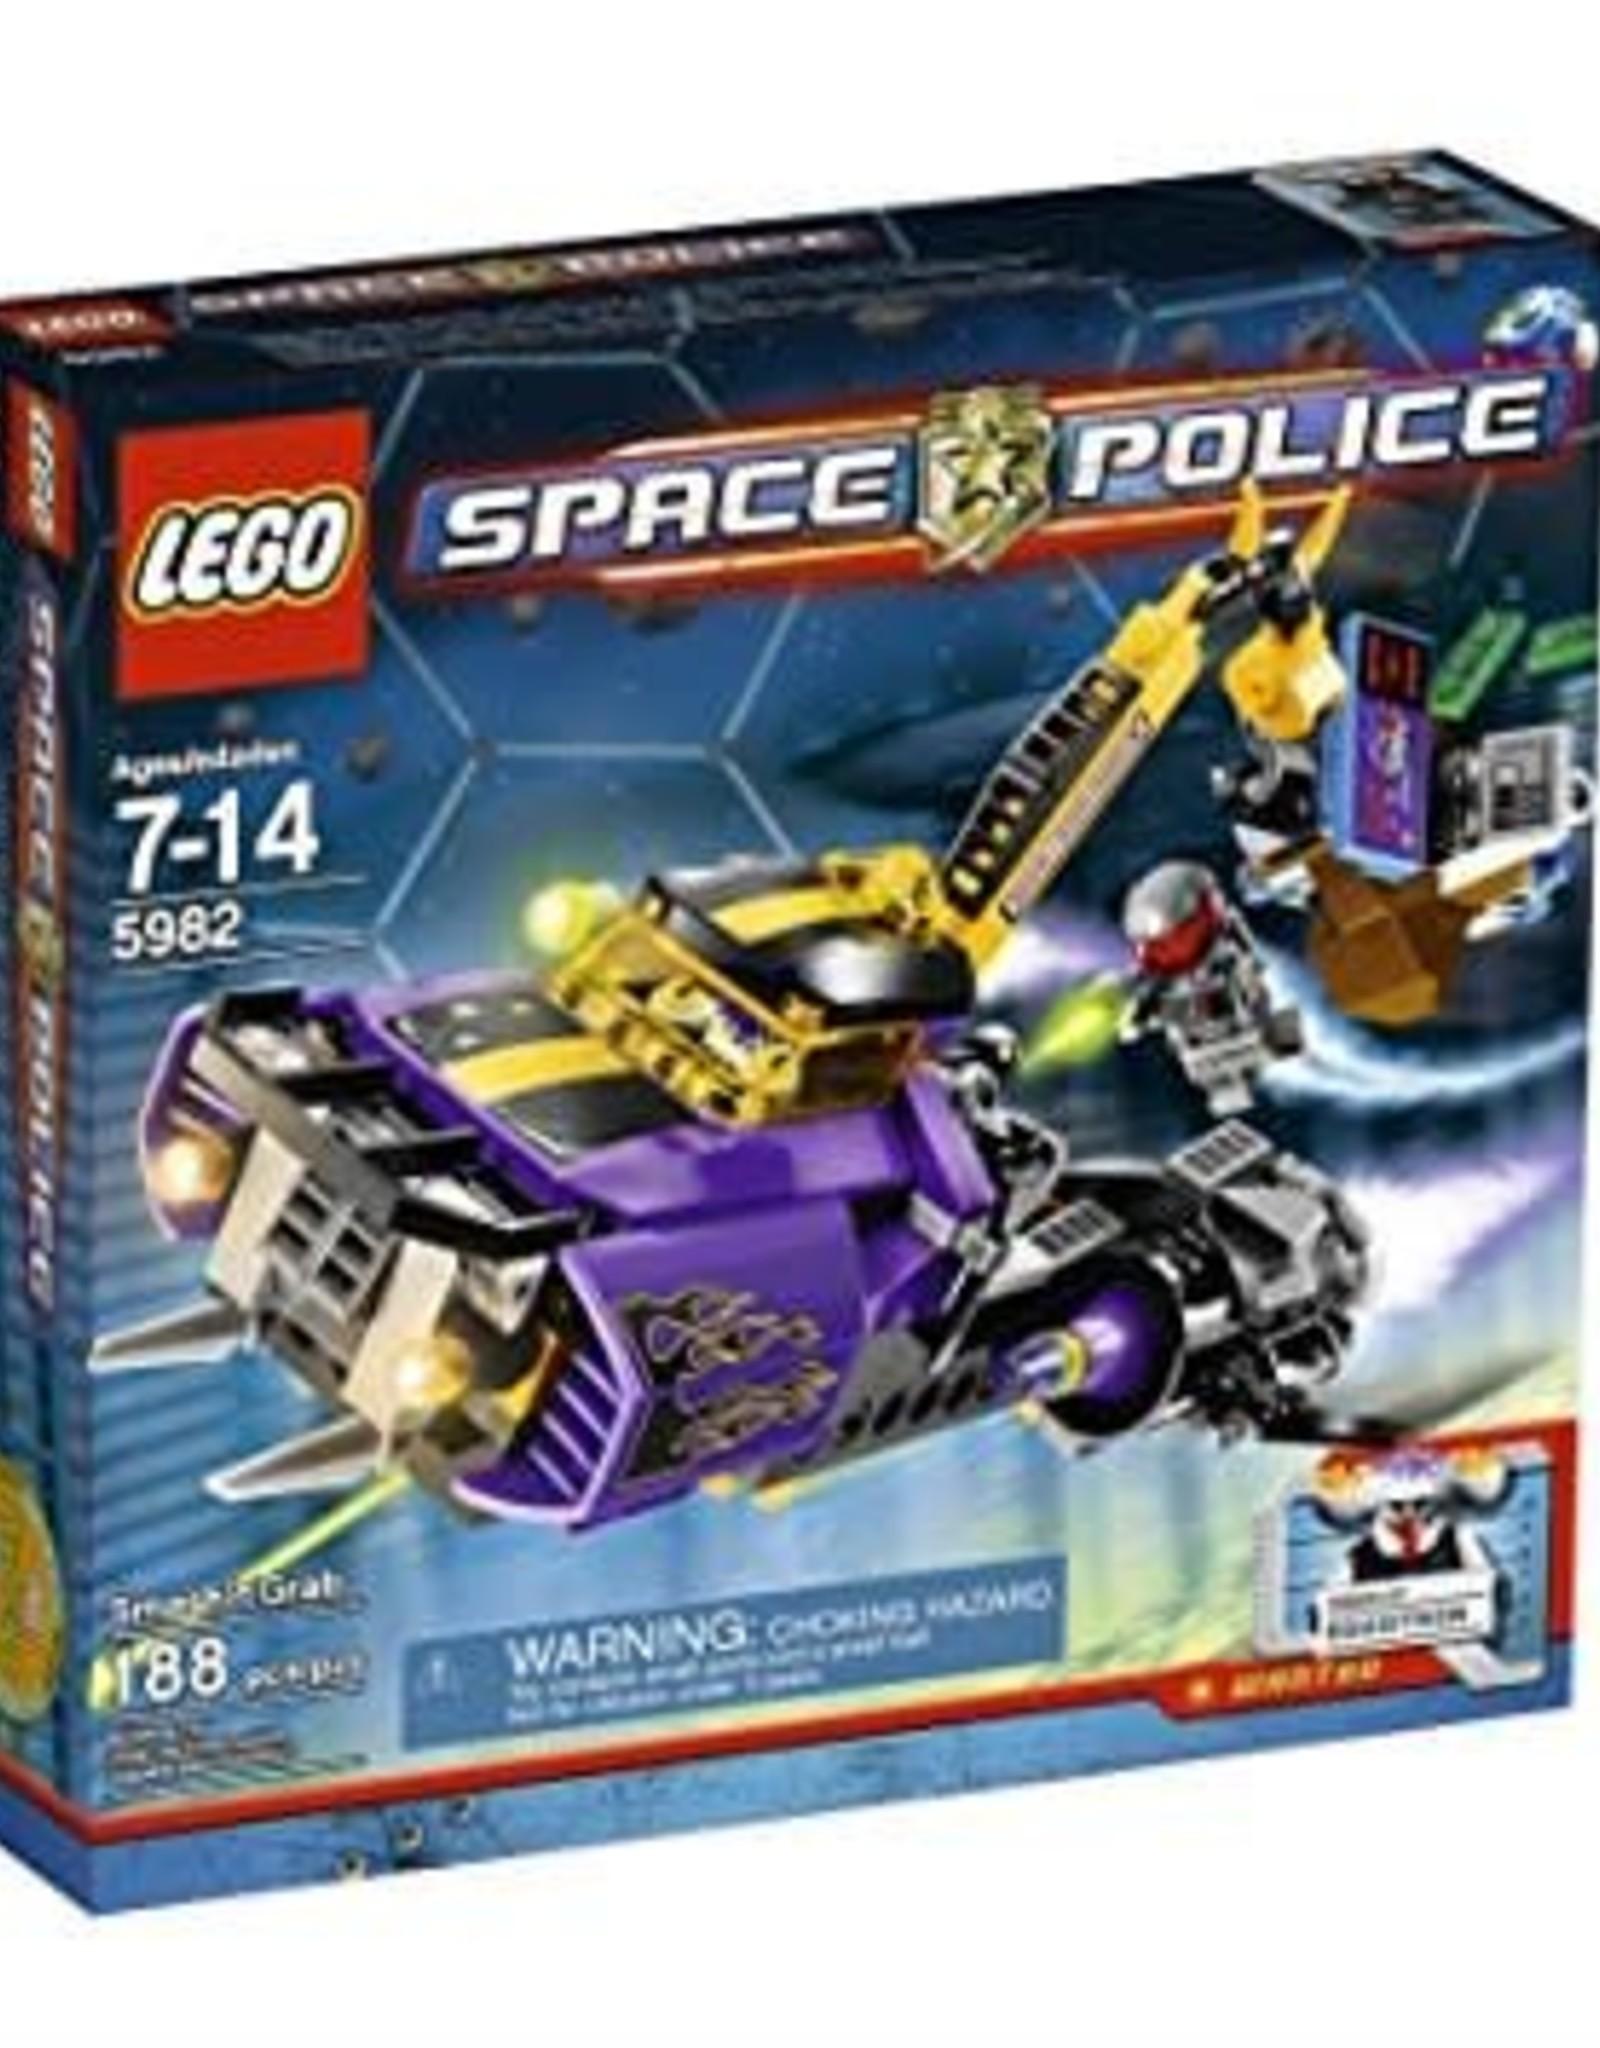 LEGO LEGO 5982 Smash 'n Grab SPACE POLICE